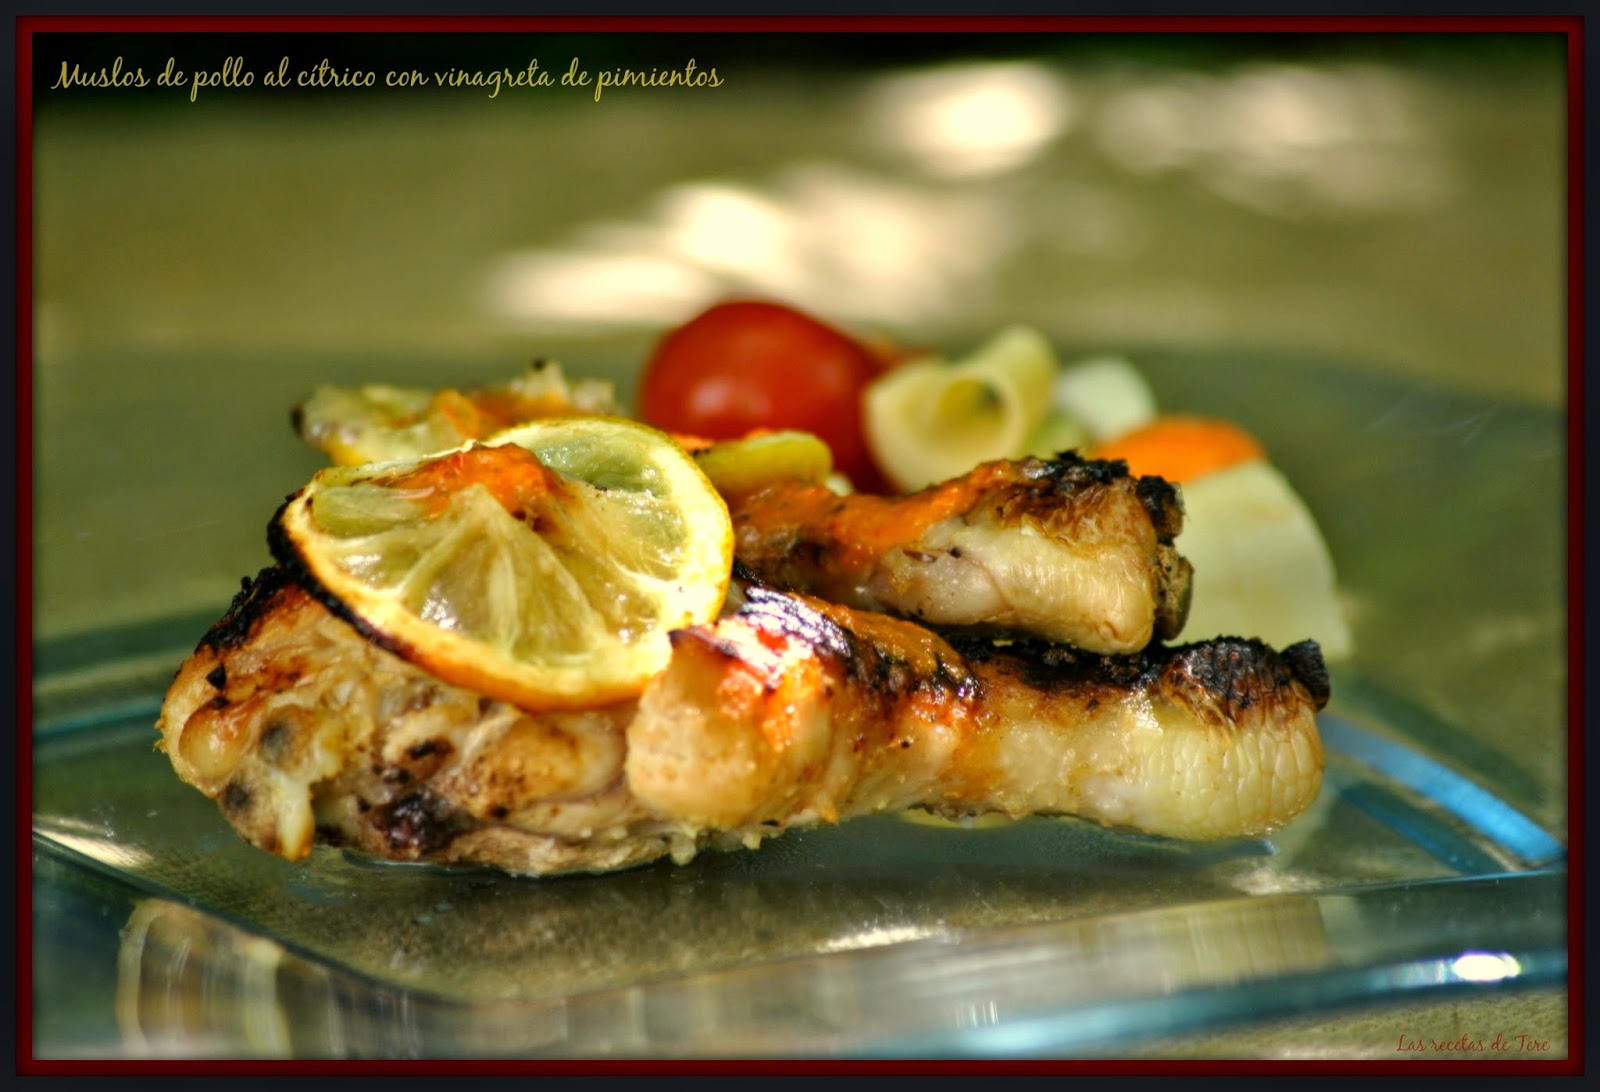 Muslos de pollo al cítrico con vinagreta de pimientos 02